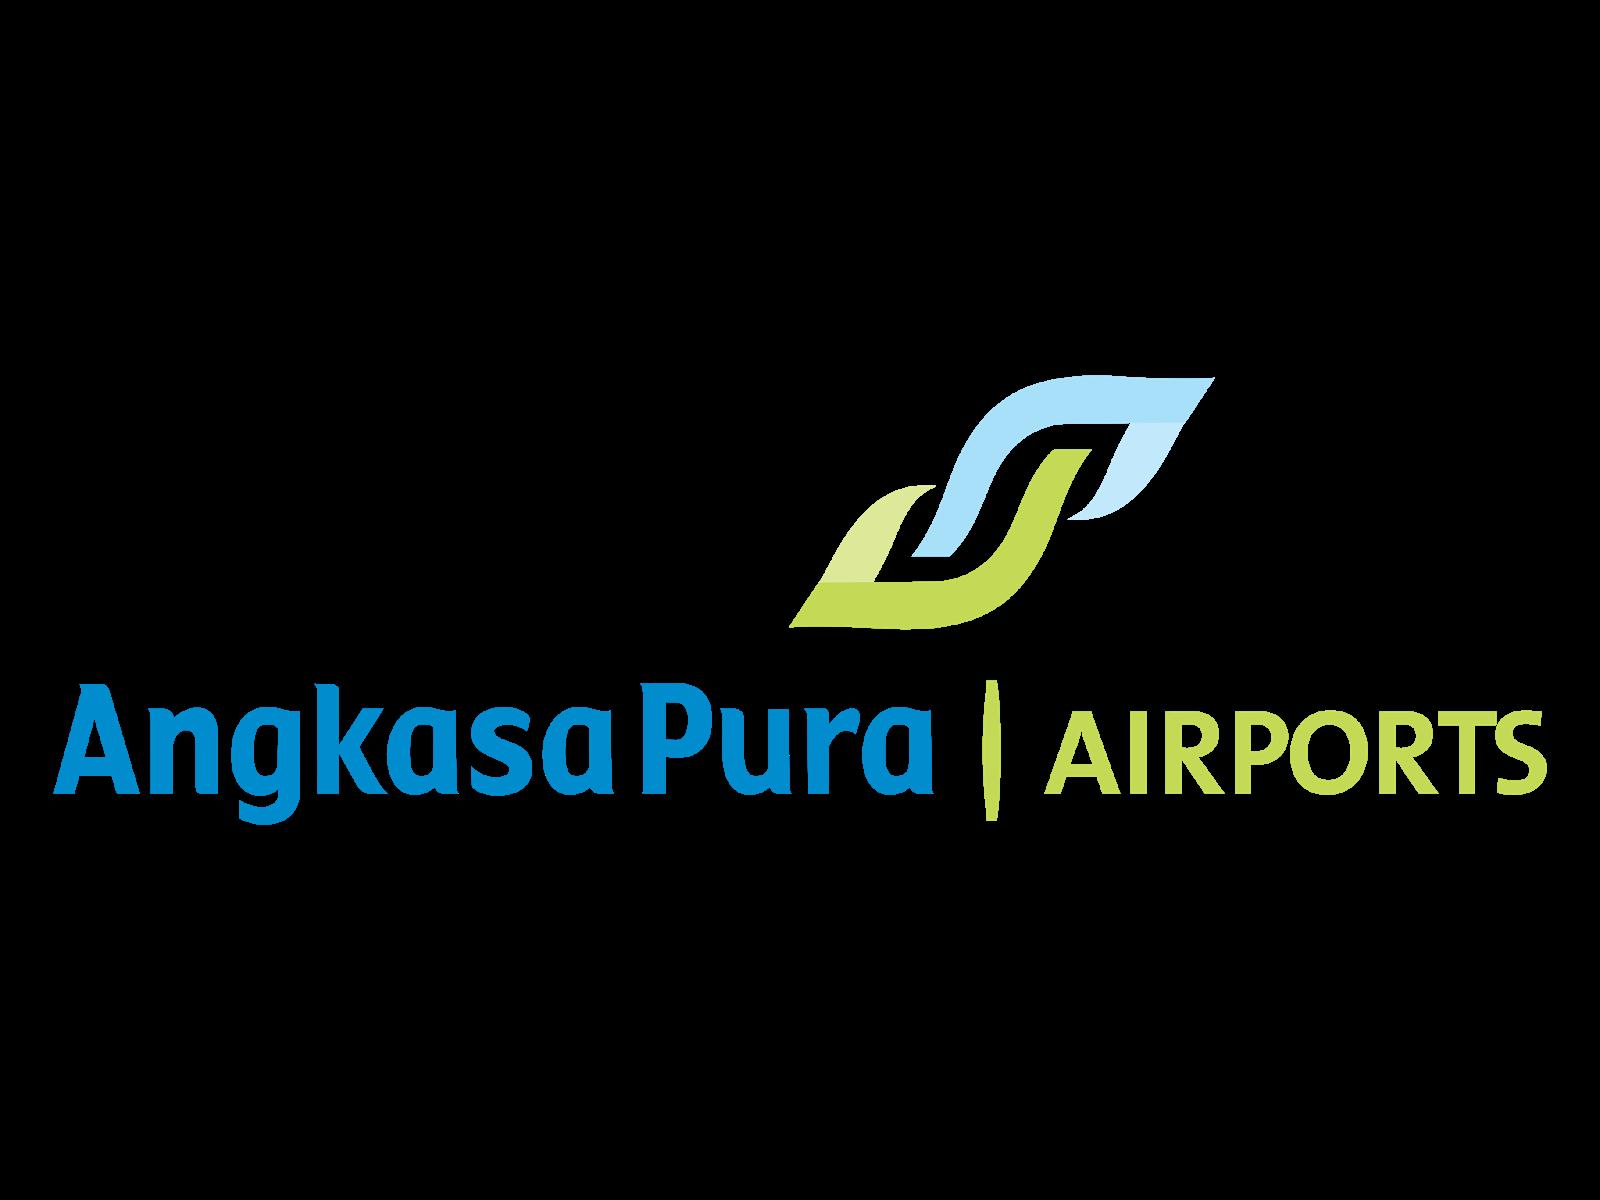 Angkasa Pura Airports